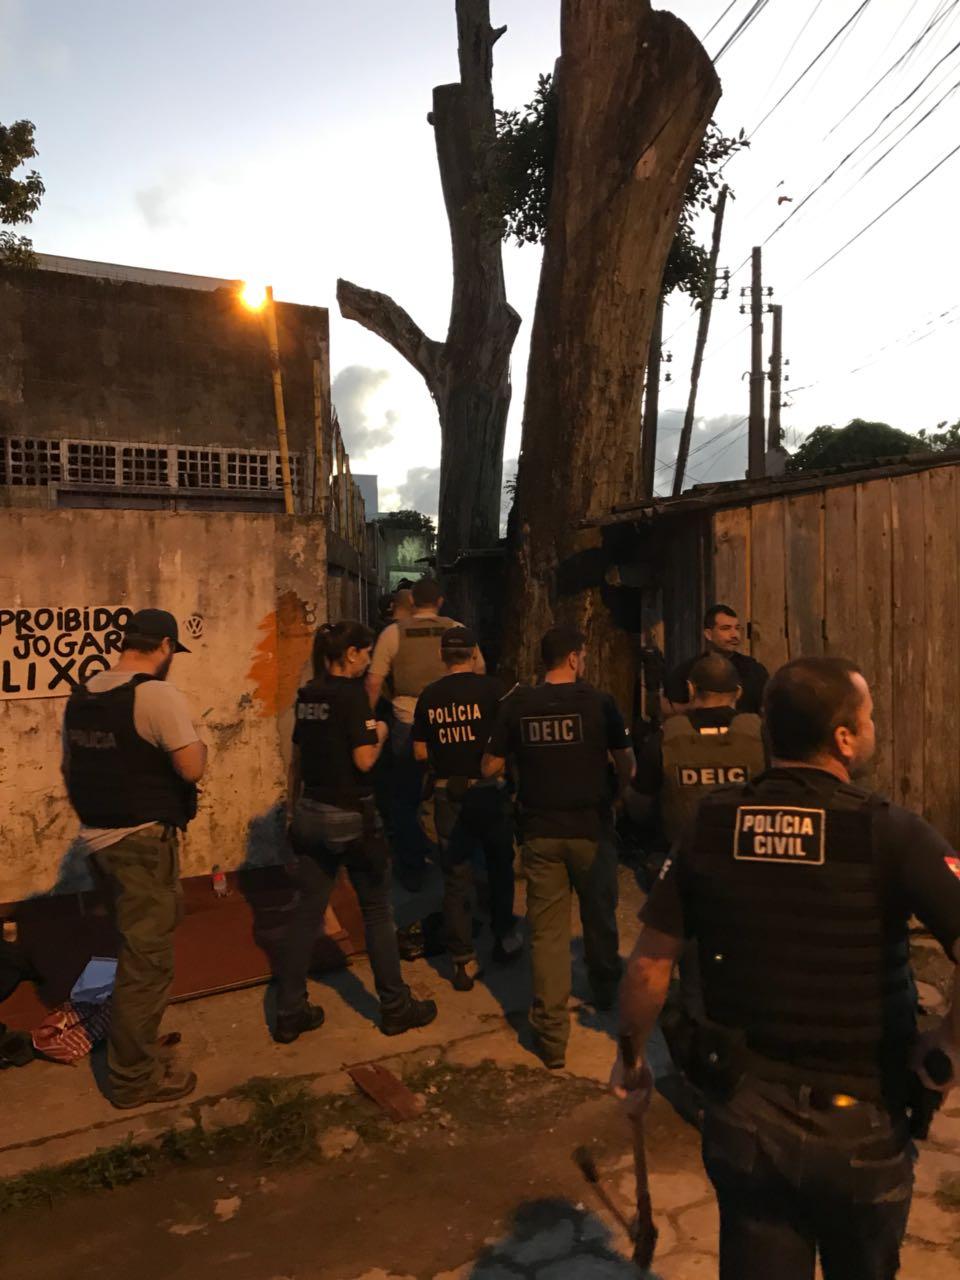 Operação contou com 40 policiais civis da DEIC - Polícia Civil/Divulgação/ND